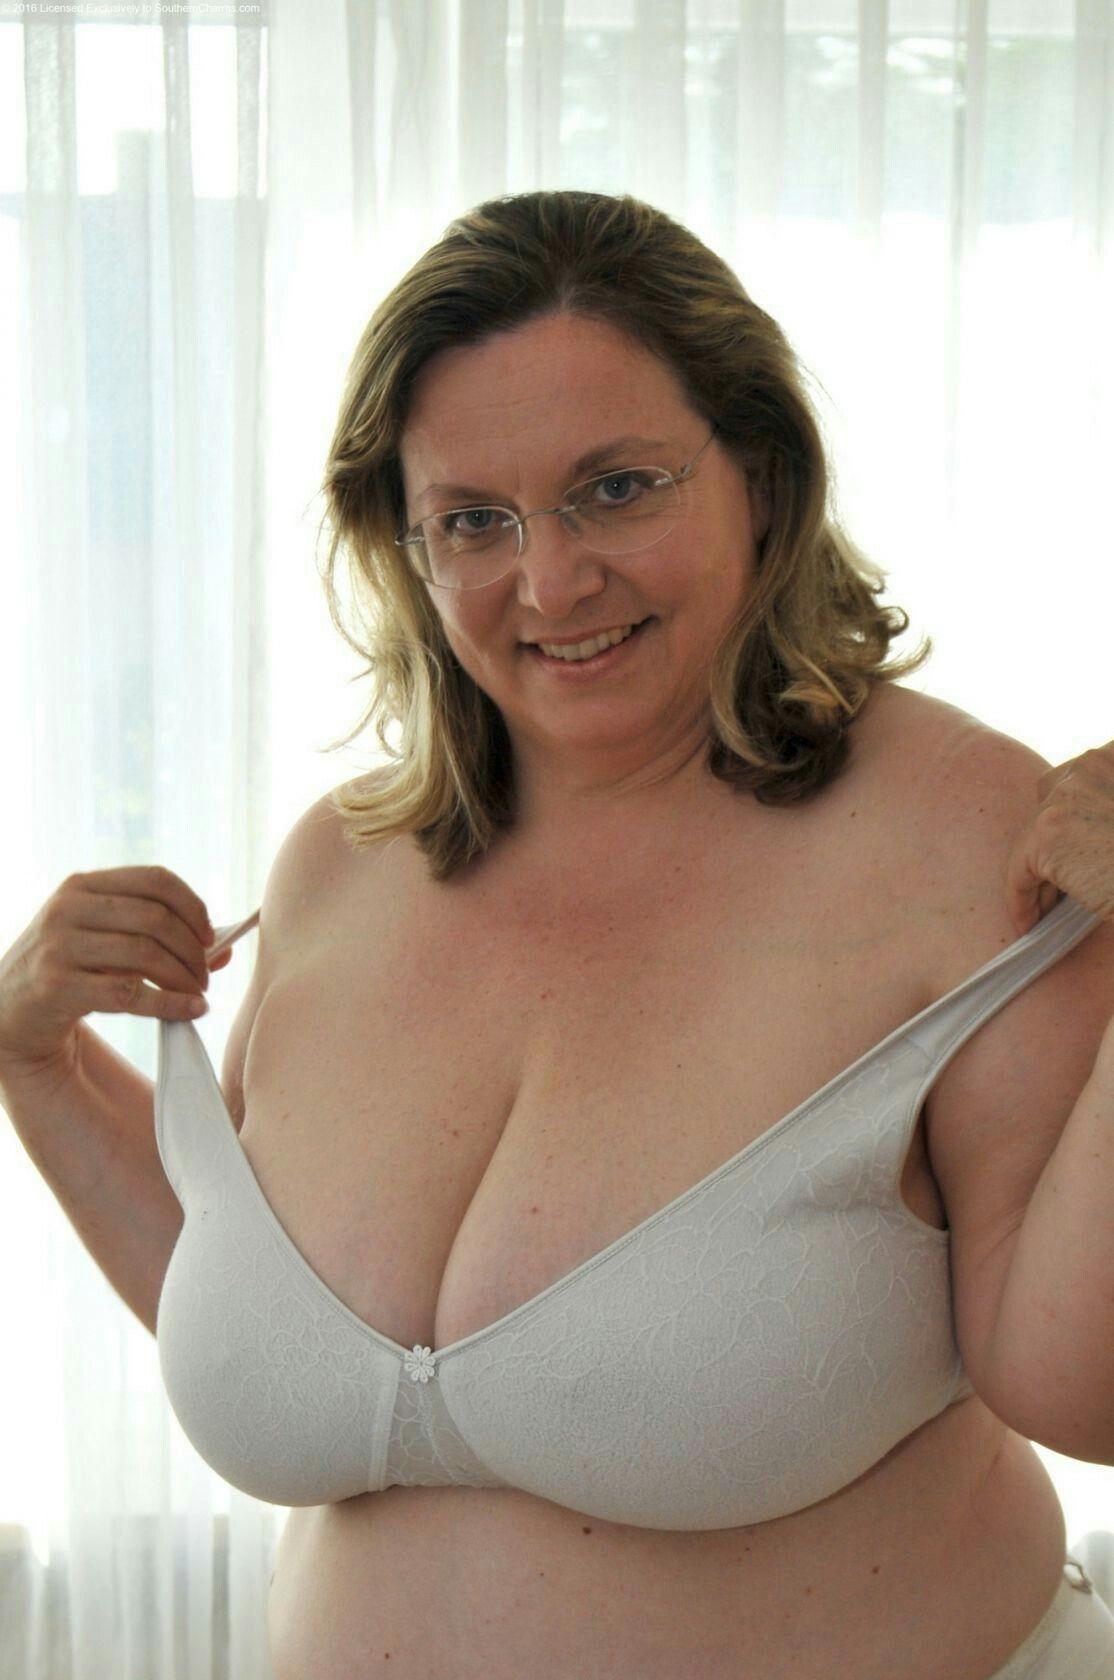 Tattooed women porn pics